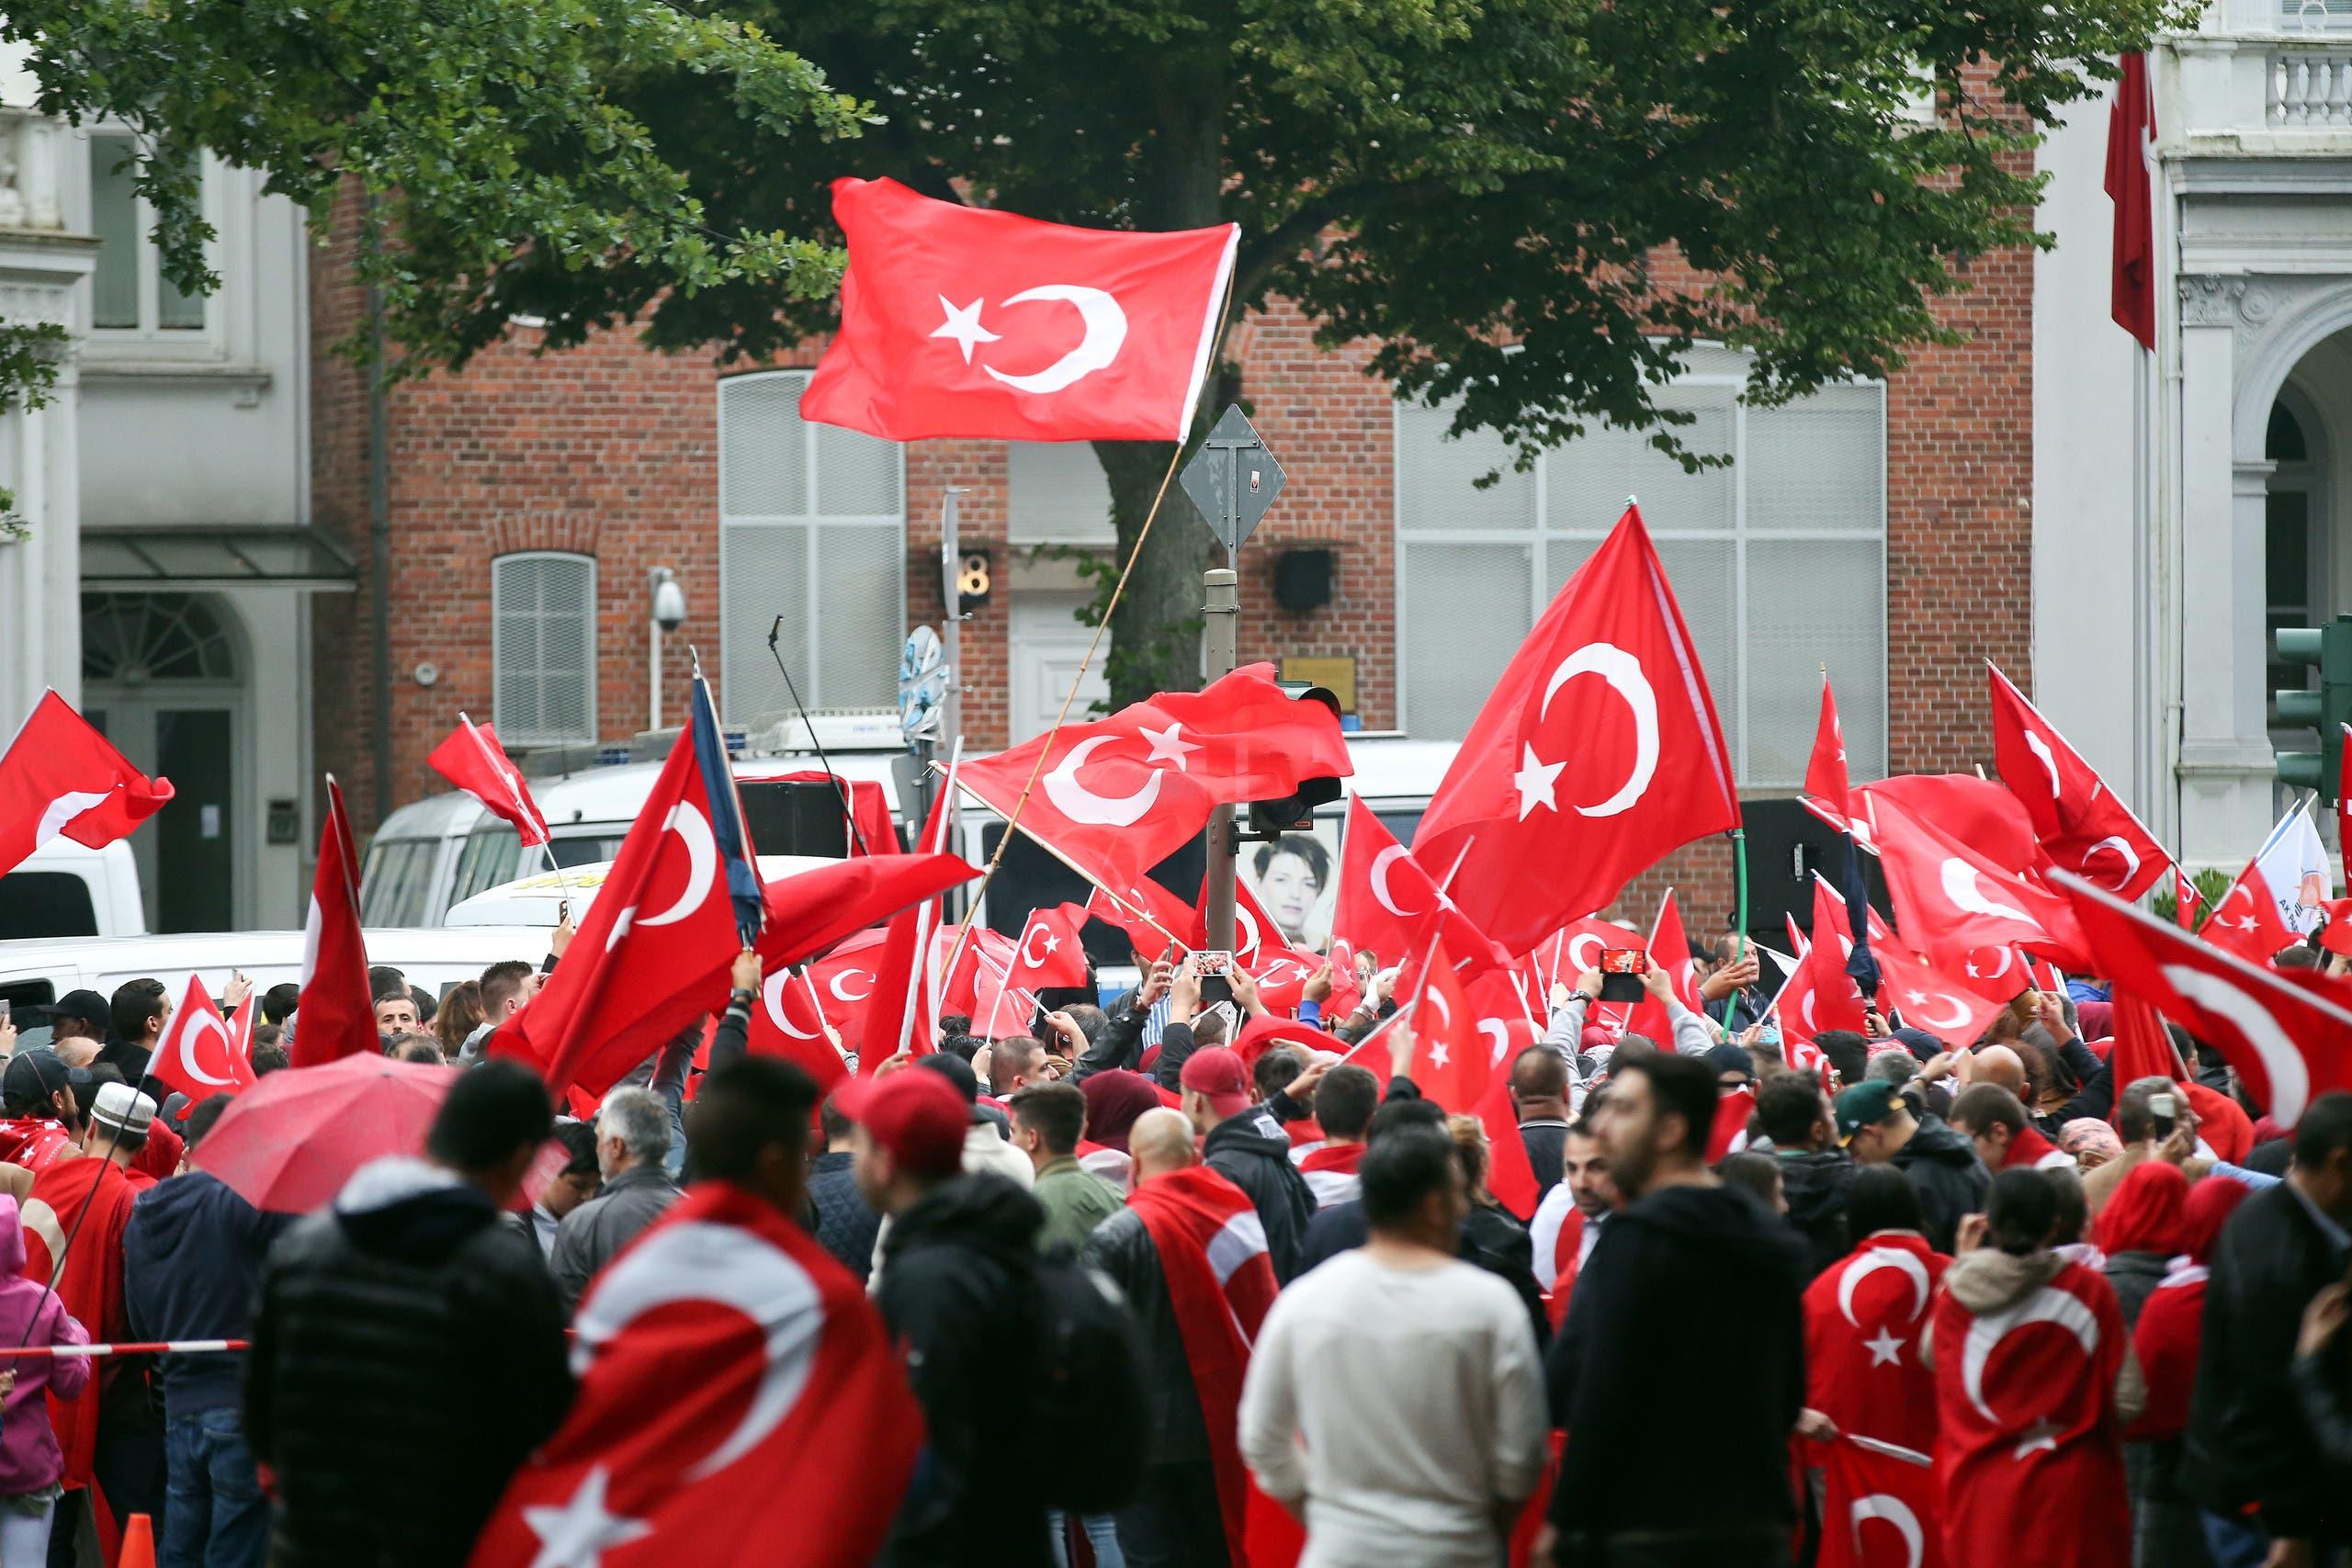 أتراك يدعمون أردوغان ضد الانقلاب الفاشل يتظاهرون تأيداً له في هامبورغ (أرشيفية)